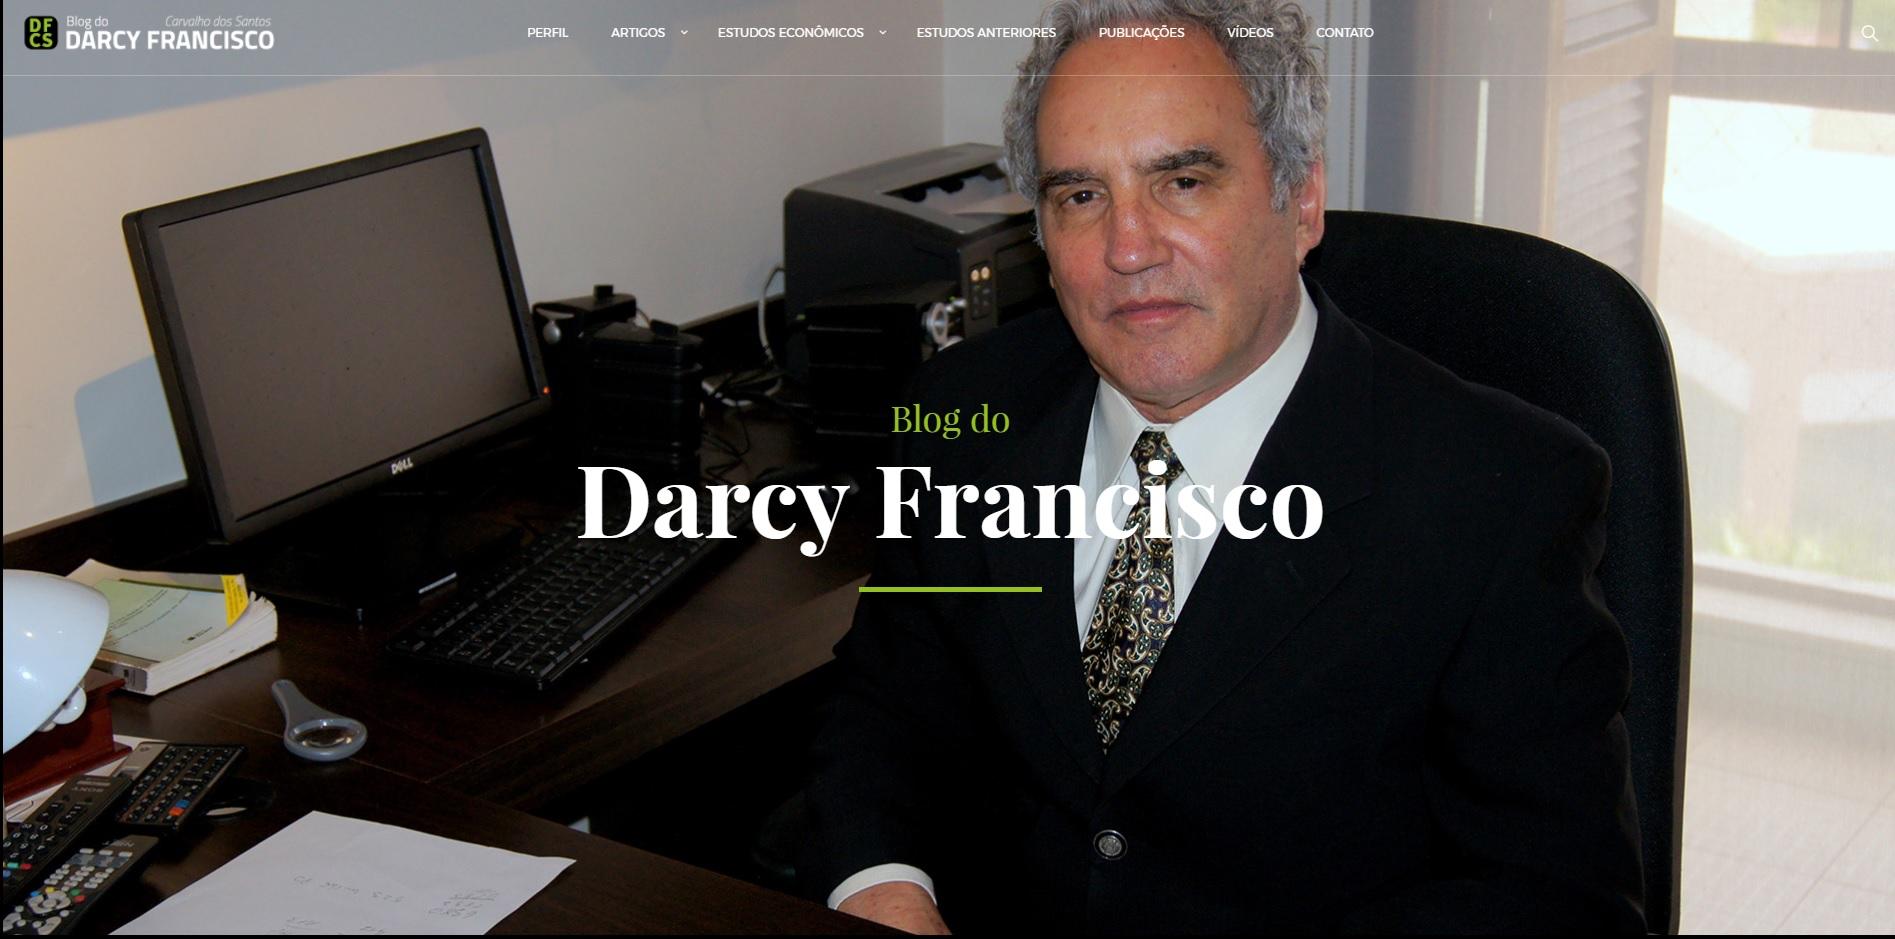 Blog do Darcy Francisco